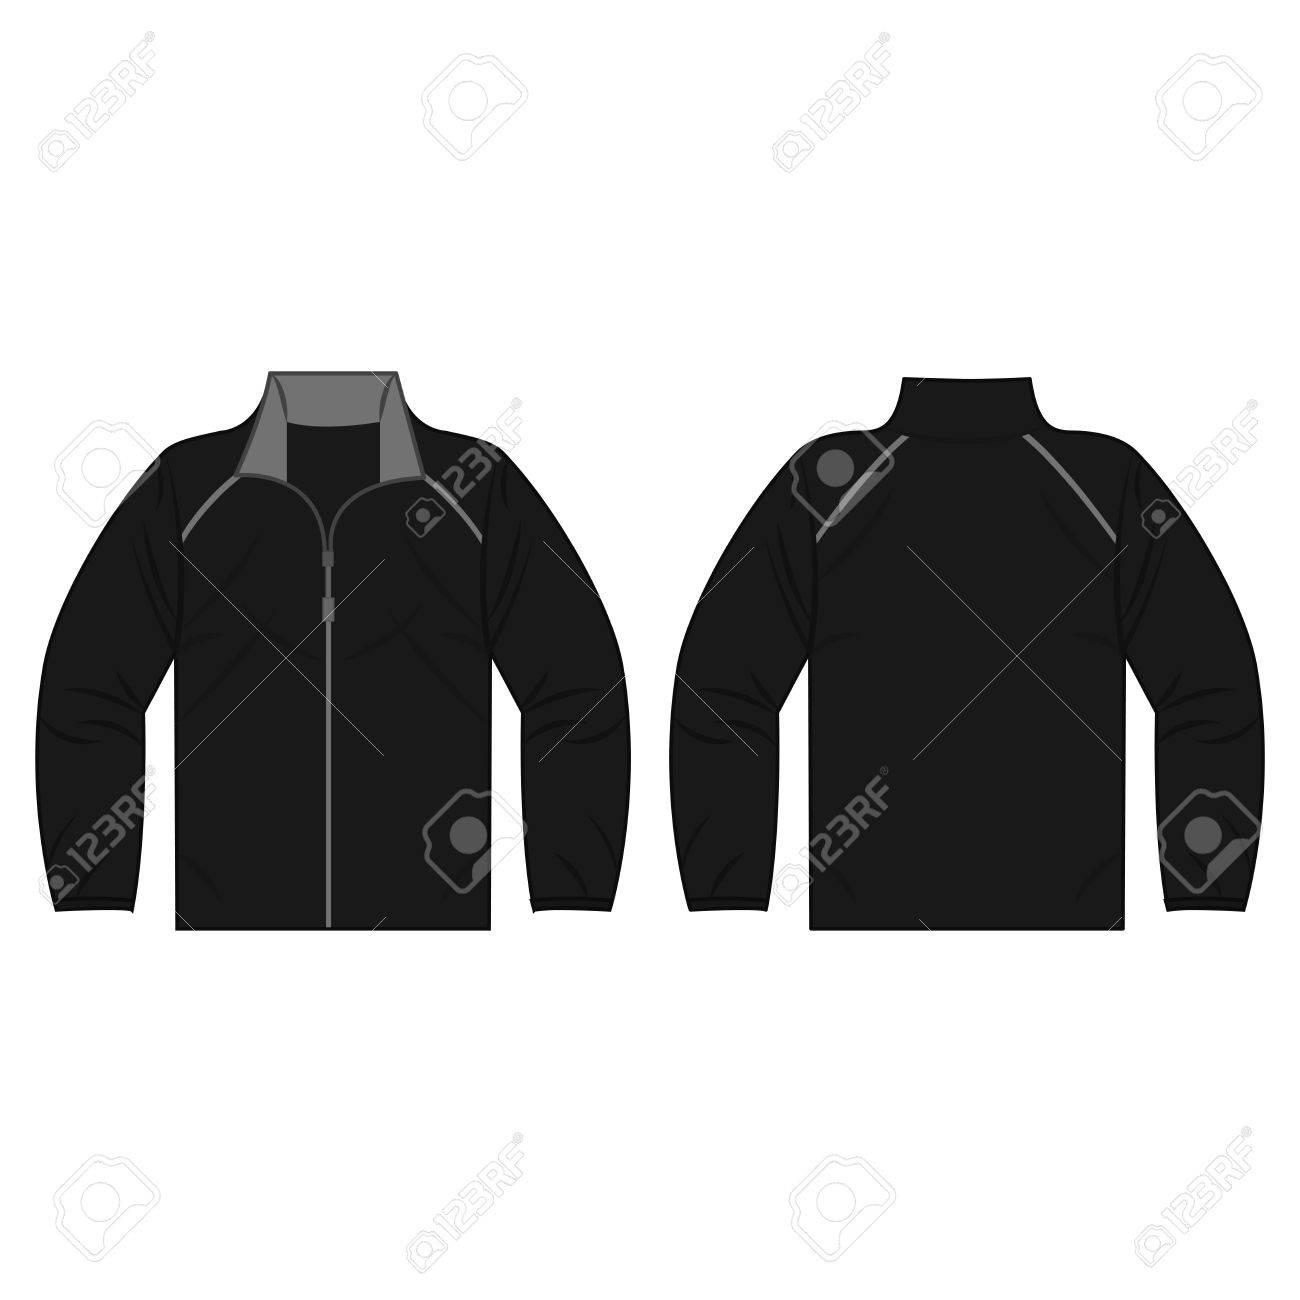 zwarte herfst jas